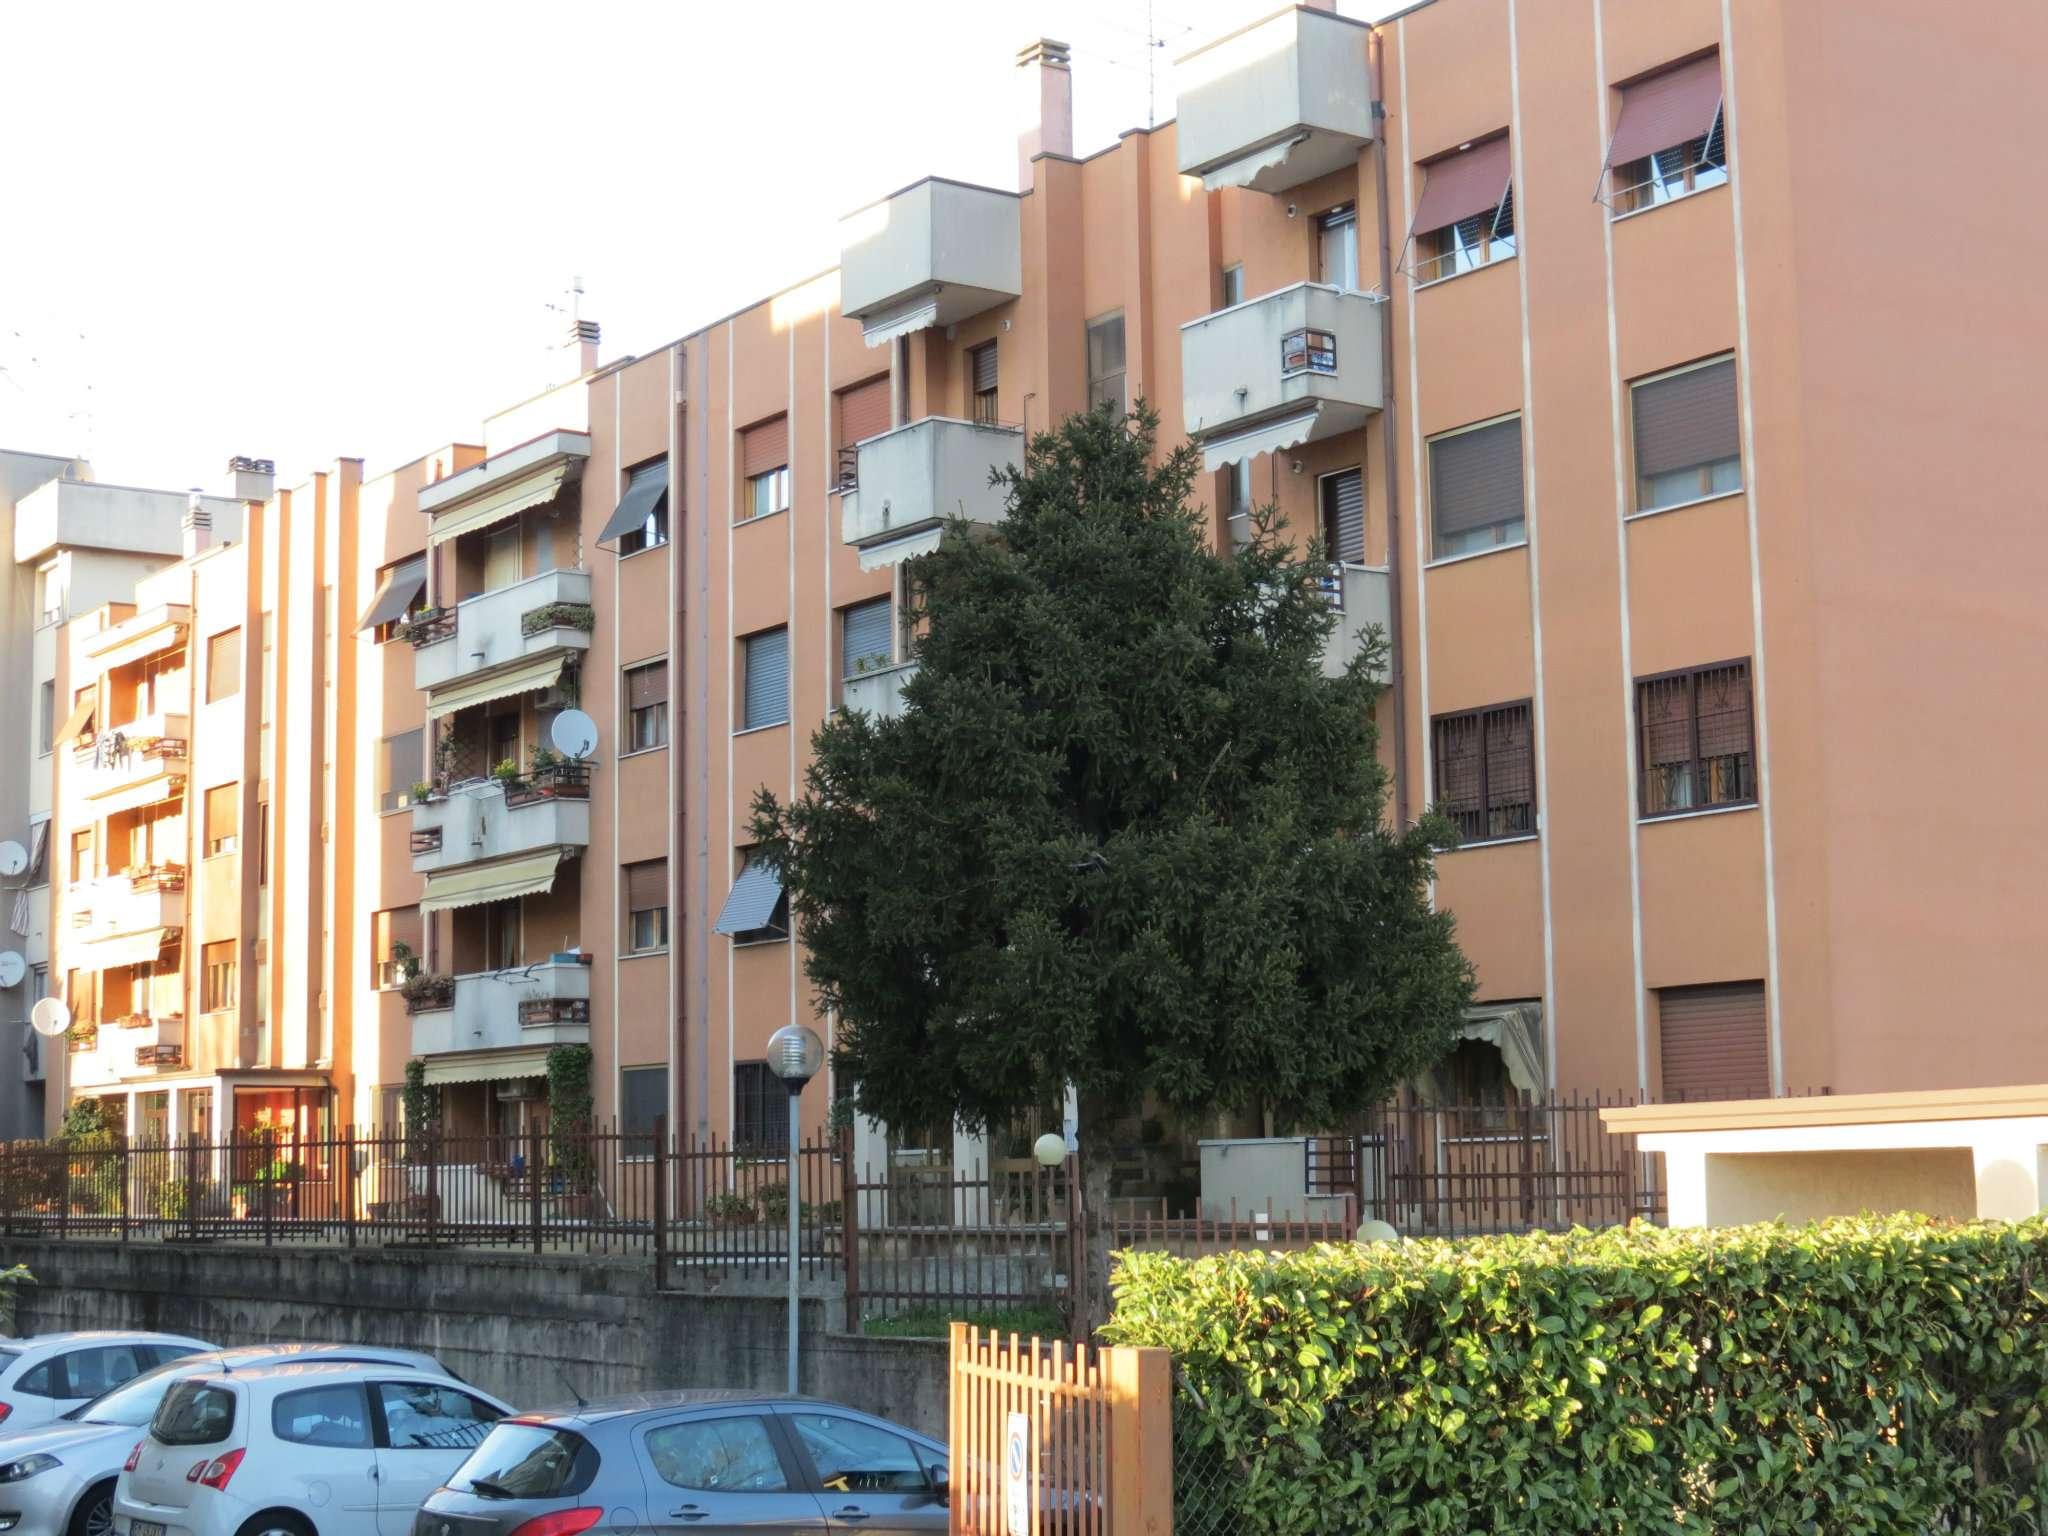 Appartamento in vendita a Bareggio, 3 locali, prezzo € 175.000 | CambioCasa.it